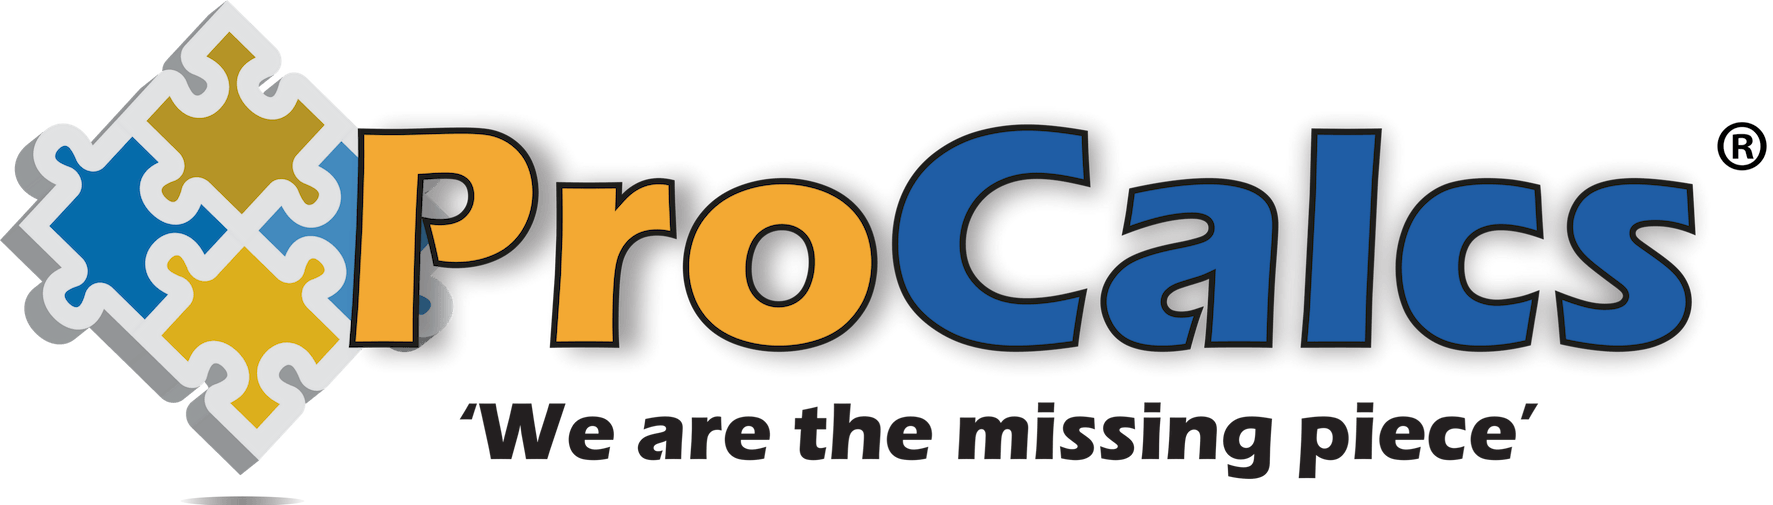 Procalcs Logo